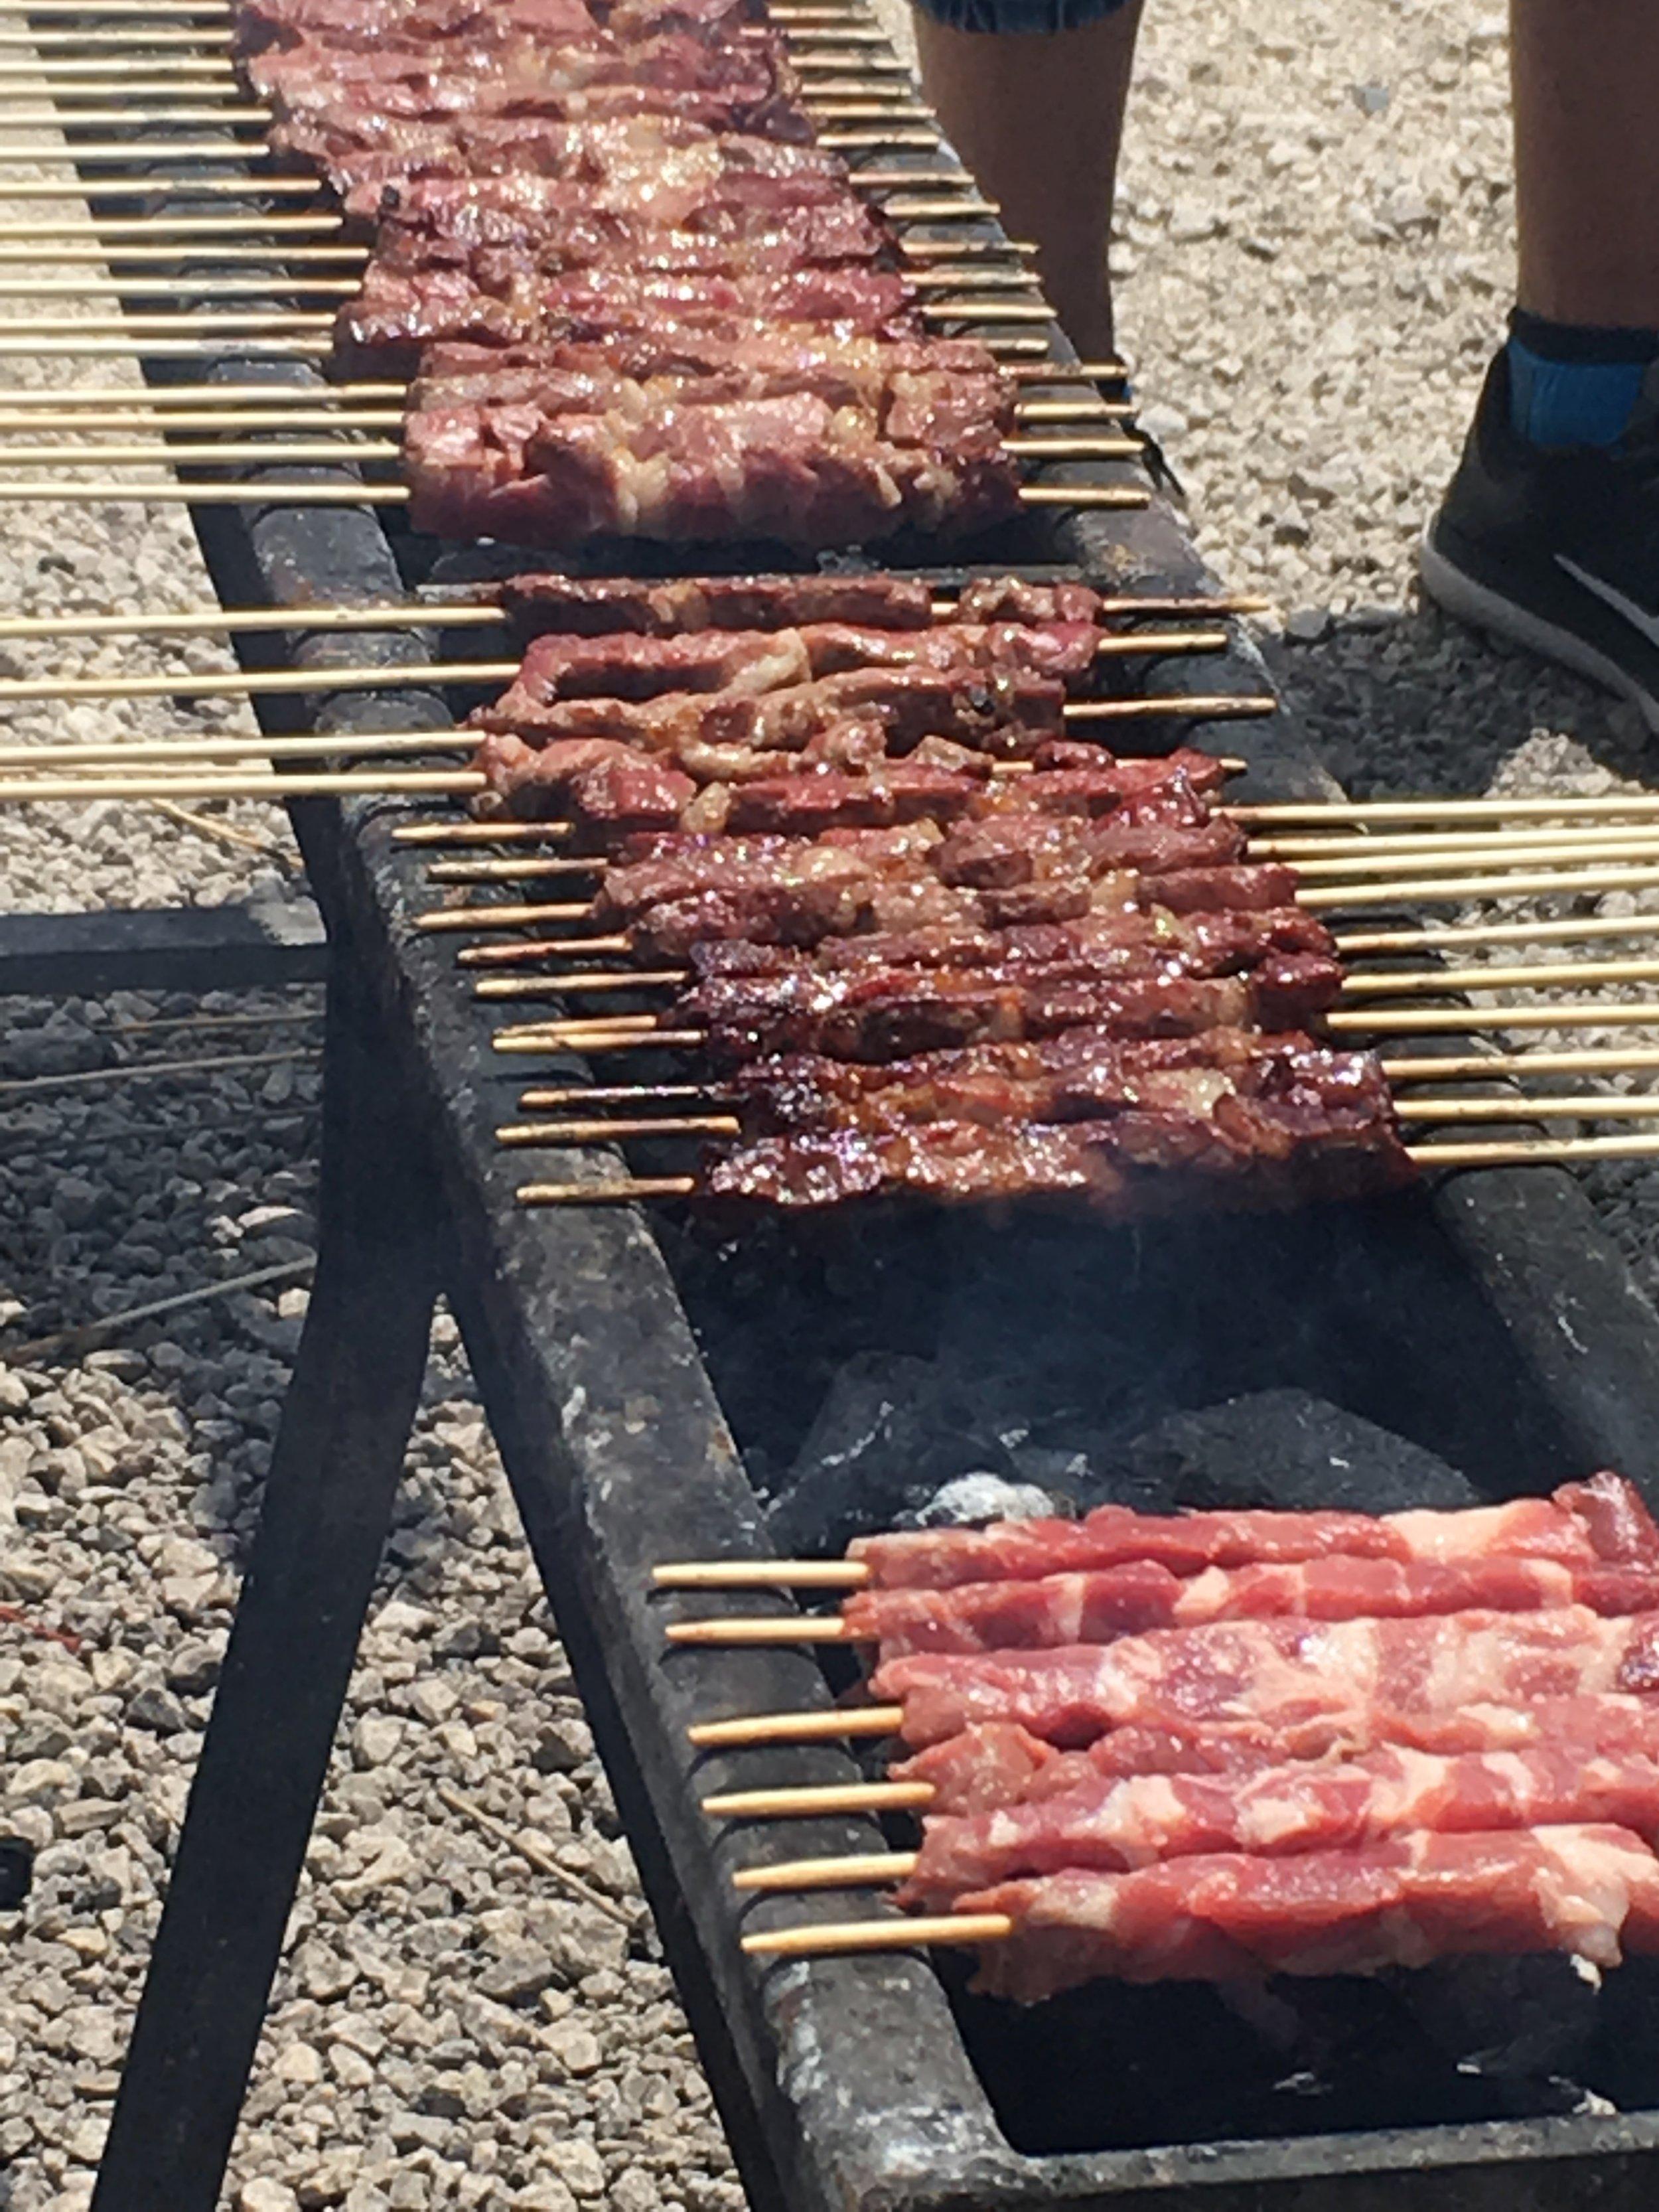 Grilling arrosticini at Ristoro Mucciante in Abruzzo